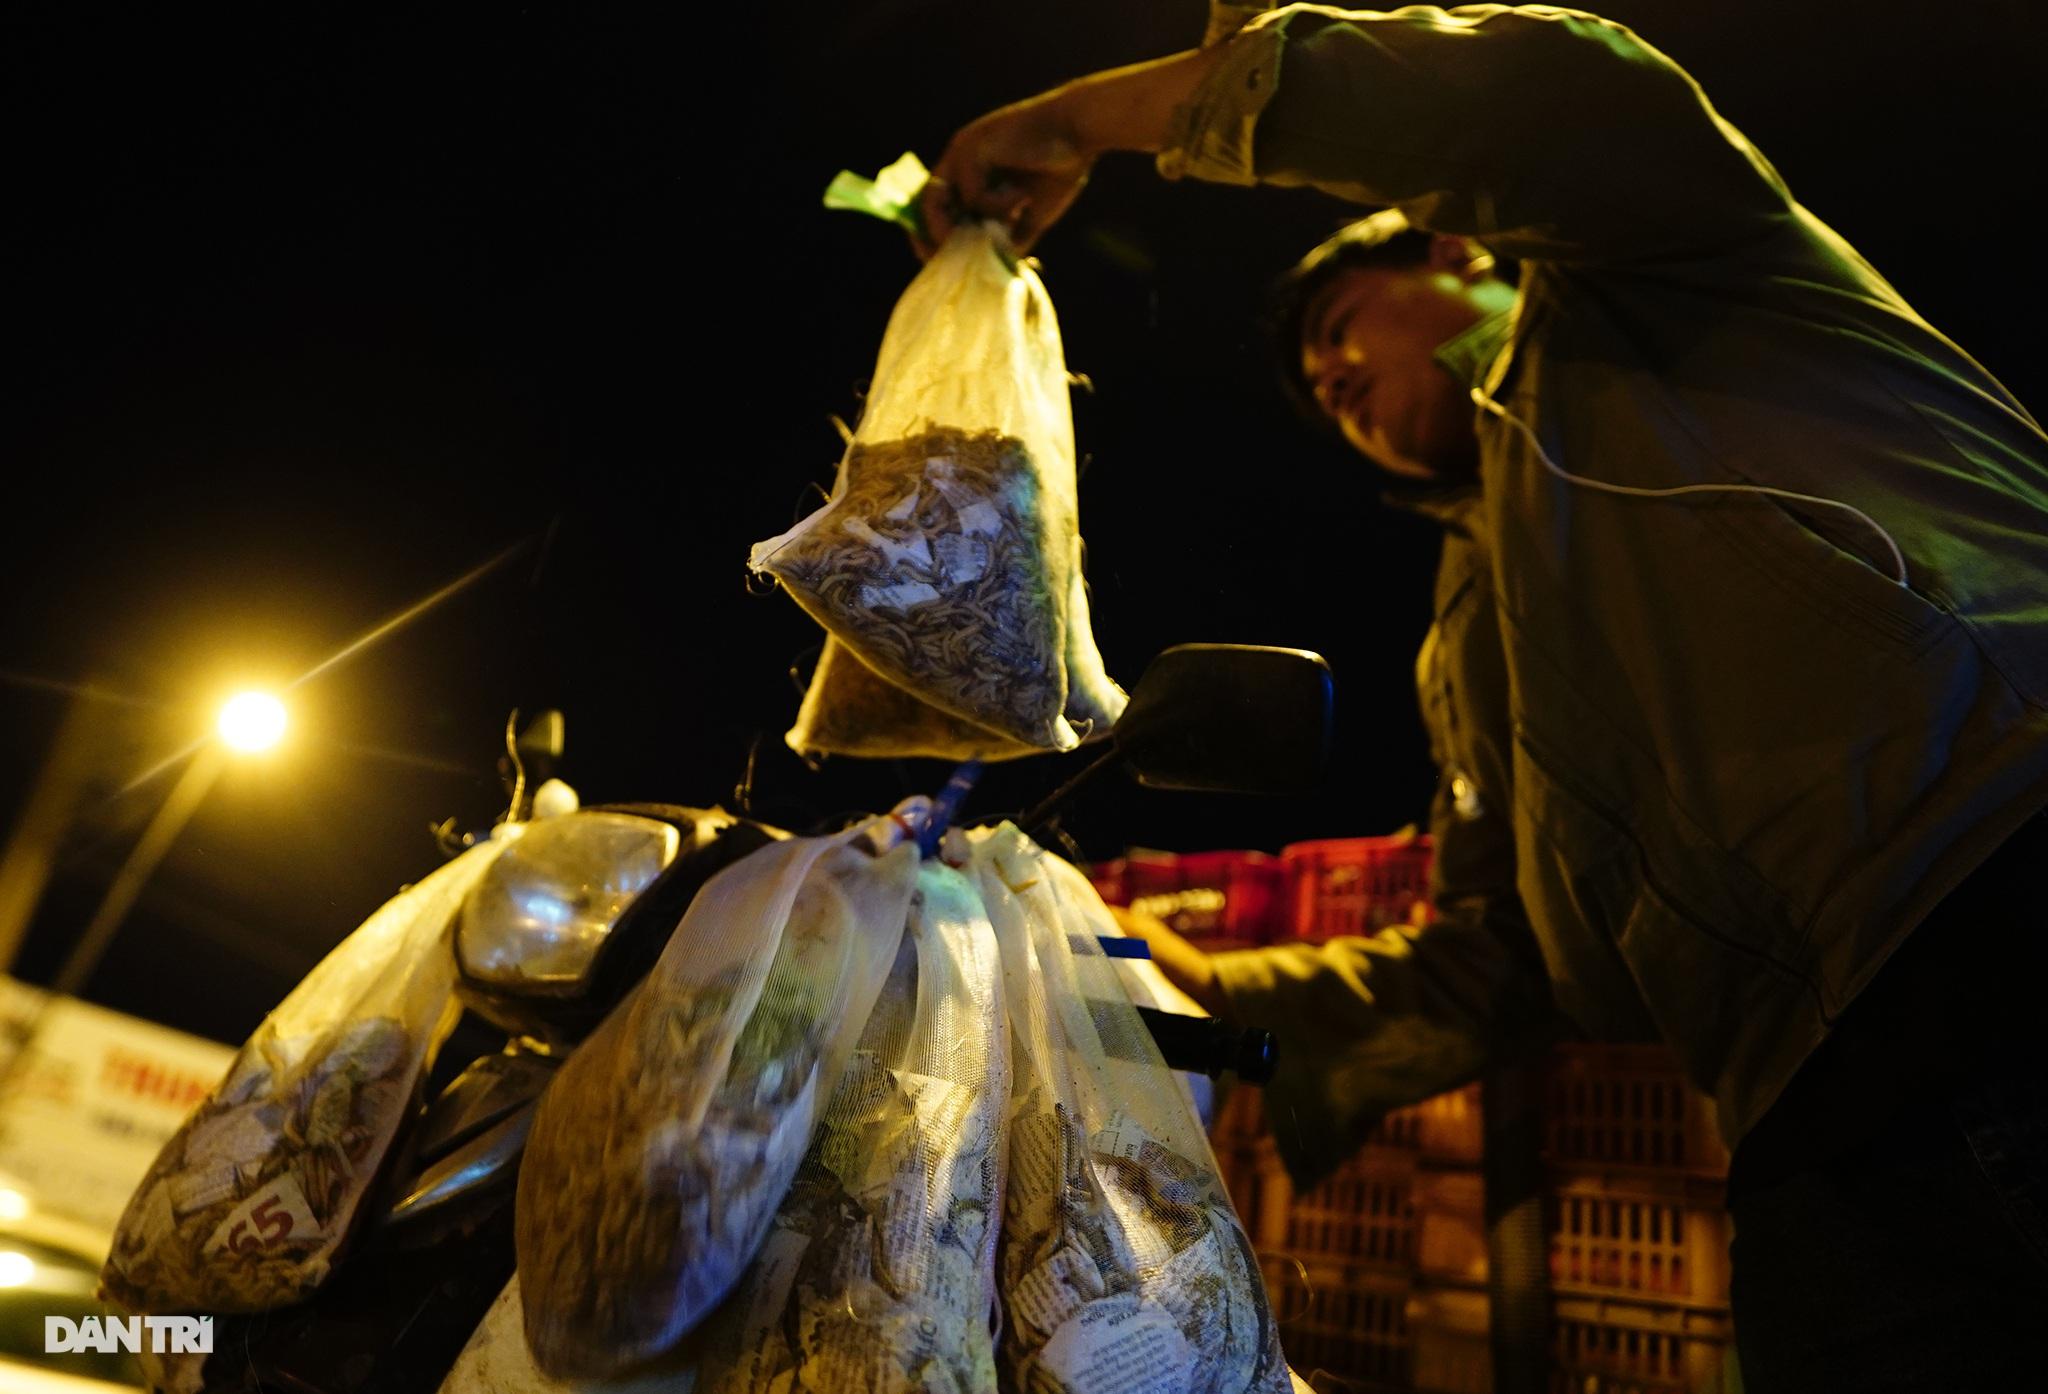 Sâu gạo (sâu Superworm) là loại thức ăn bổ dưỡng và khoái khẩu của nhiều loại chim ăn sâu cũng như một số loài cá cảnh (đặc biệt là cá rồng). Hiện nay, một số người chơi chim, cá cảnh tự nhân giống và nuôi sâu gạo làm thức ăn cho thú cưng của mình.